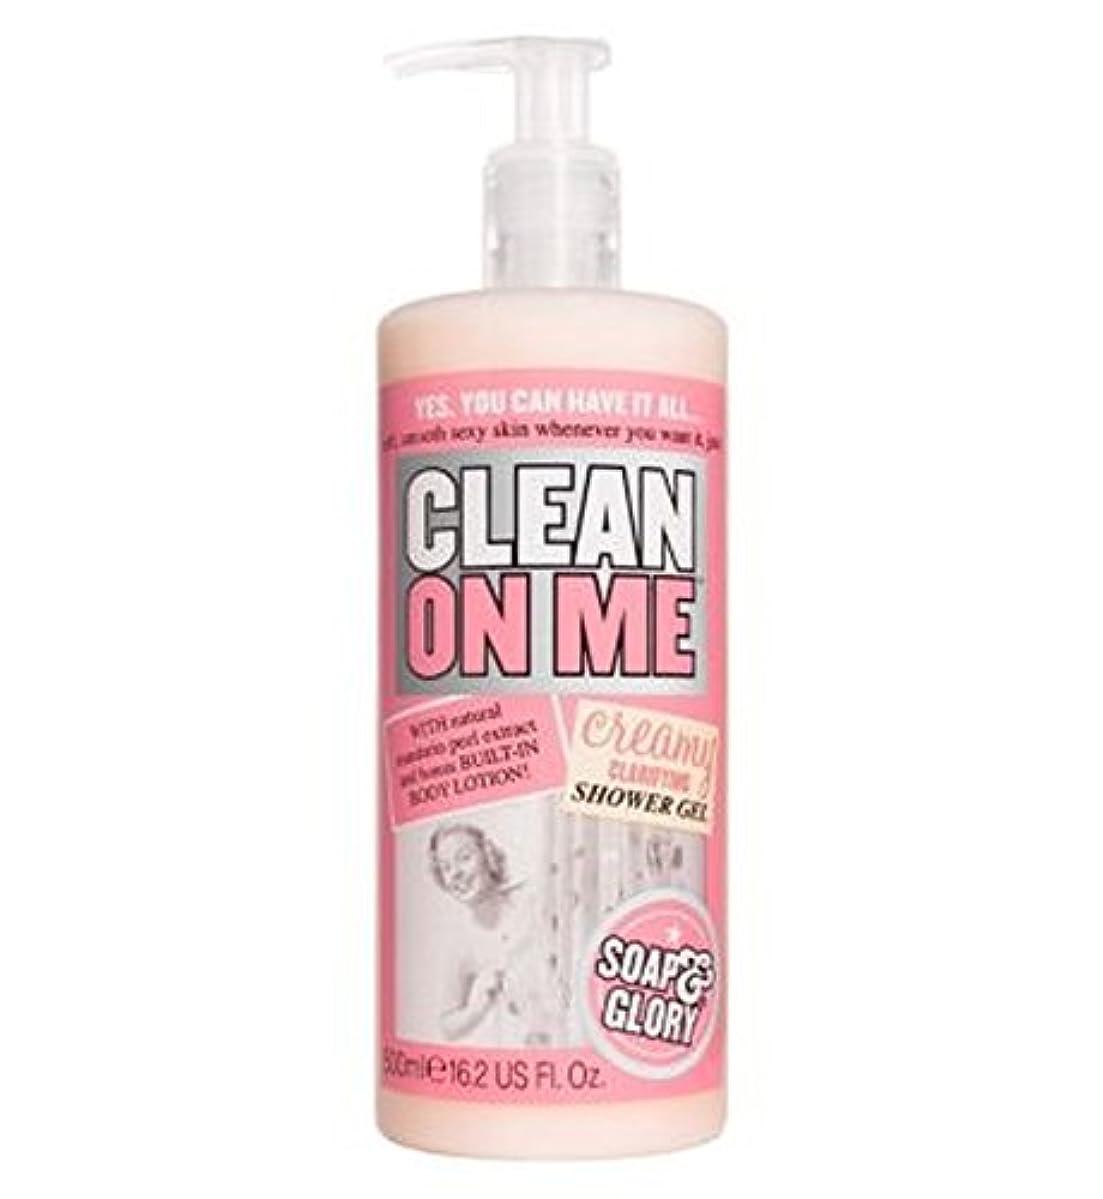 愛人スポットクリアSoap & Glory Clean On Me Creamy Clarifying Shower Gel 500ml - 私にきれいな石鹸&栄光はシャワージェル500ミリリットルを明確にクリーミー (Soap & Glory) [並行輸入品]